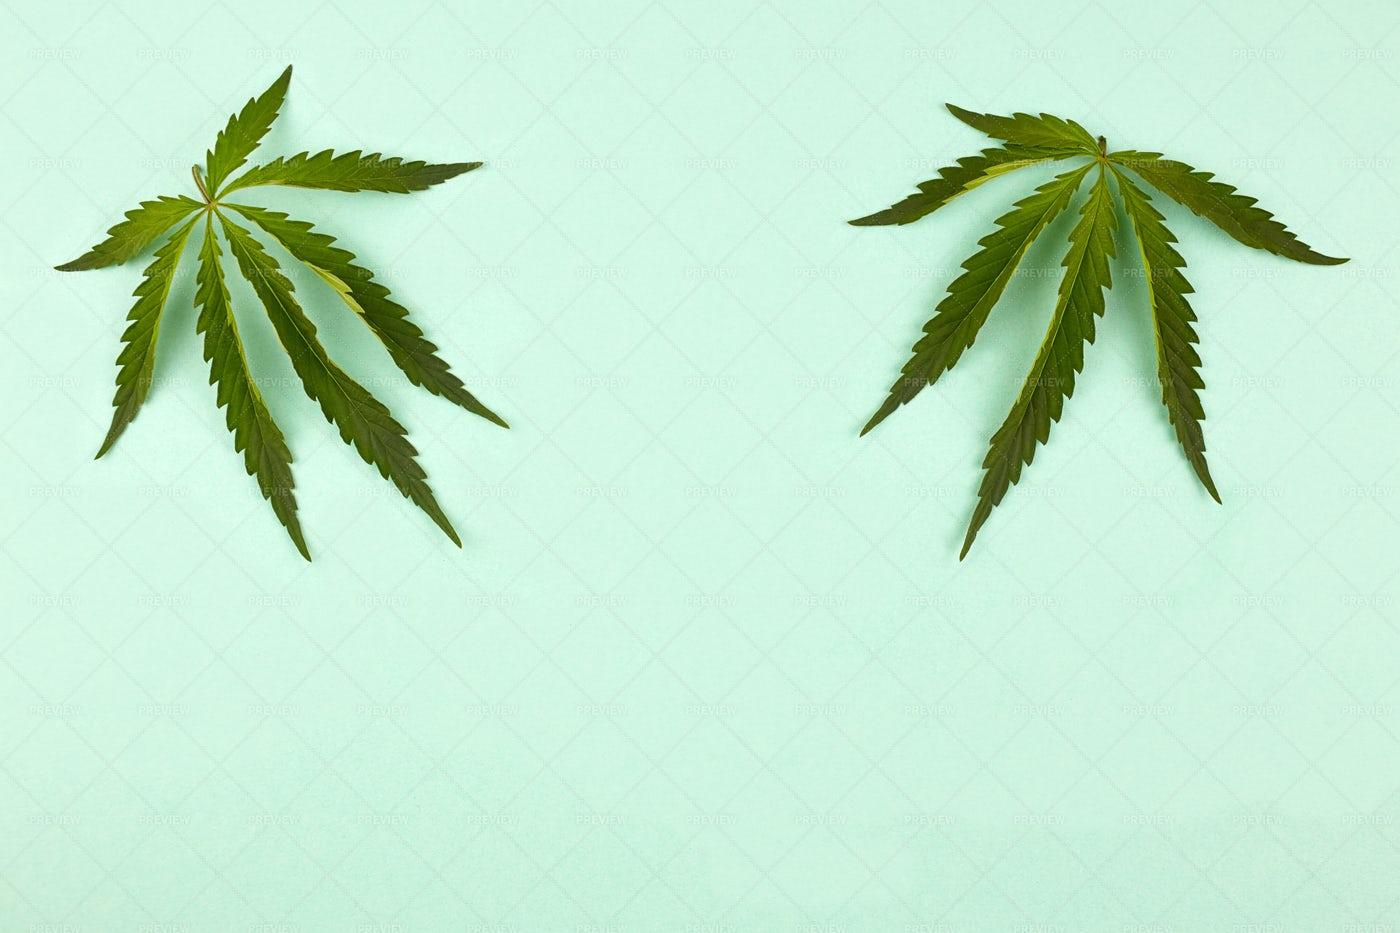 Cannabis Leaves: Stock Photos